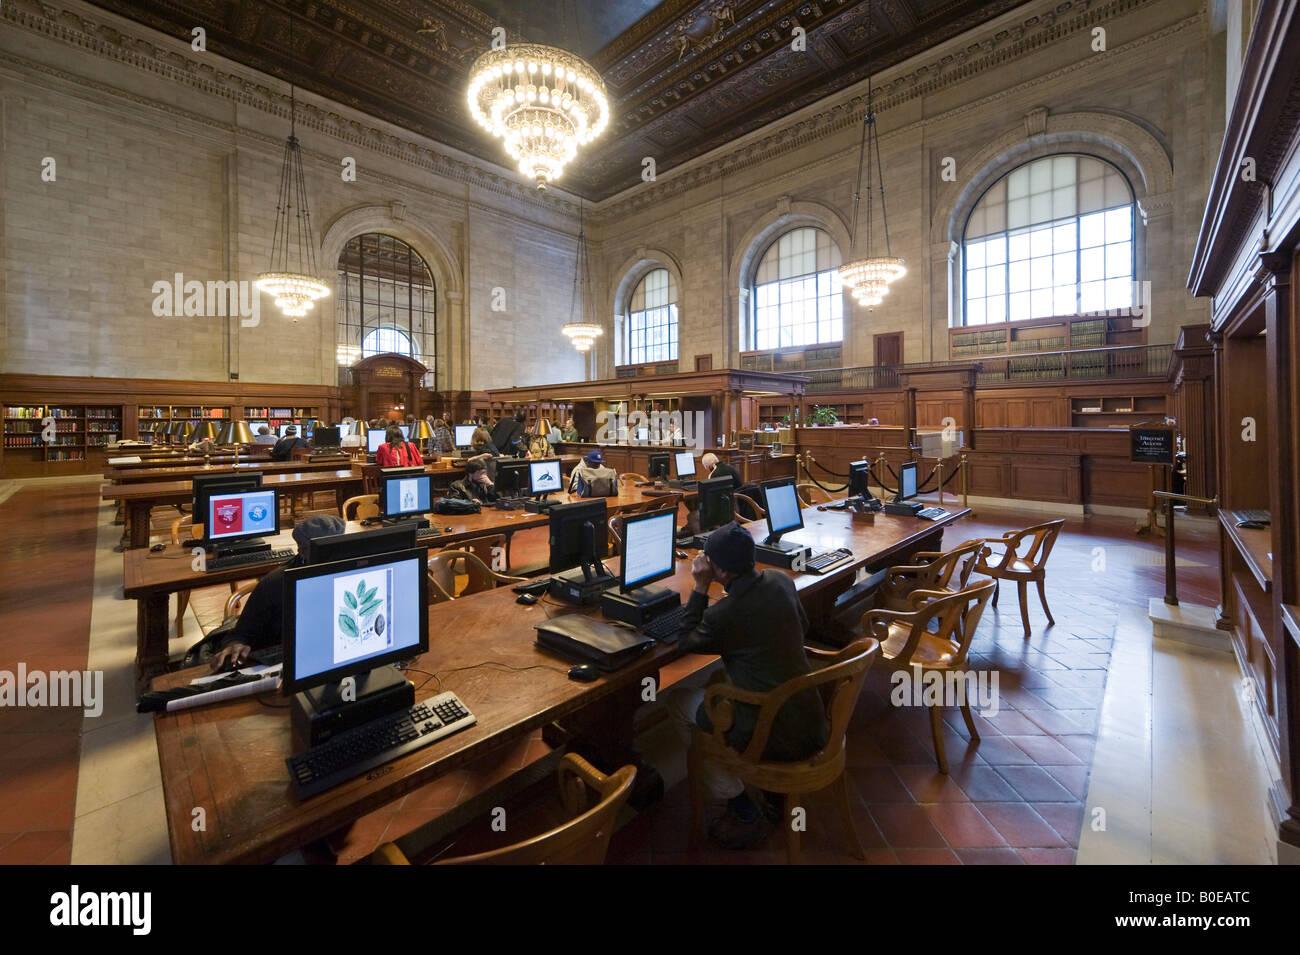 Bill Blass Catalogo pubblico Camera, New York Public Library, Quinta Avenue, Midtown Manhattan, a New York City Immagini Stock